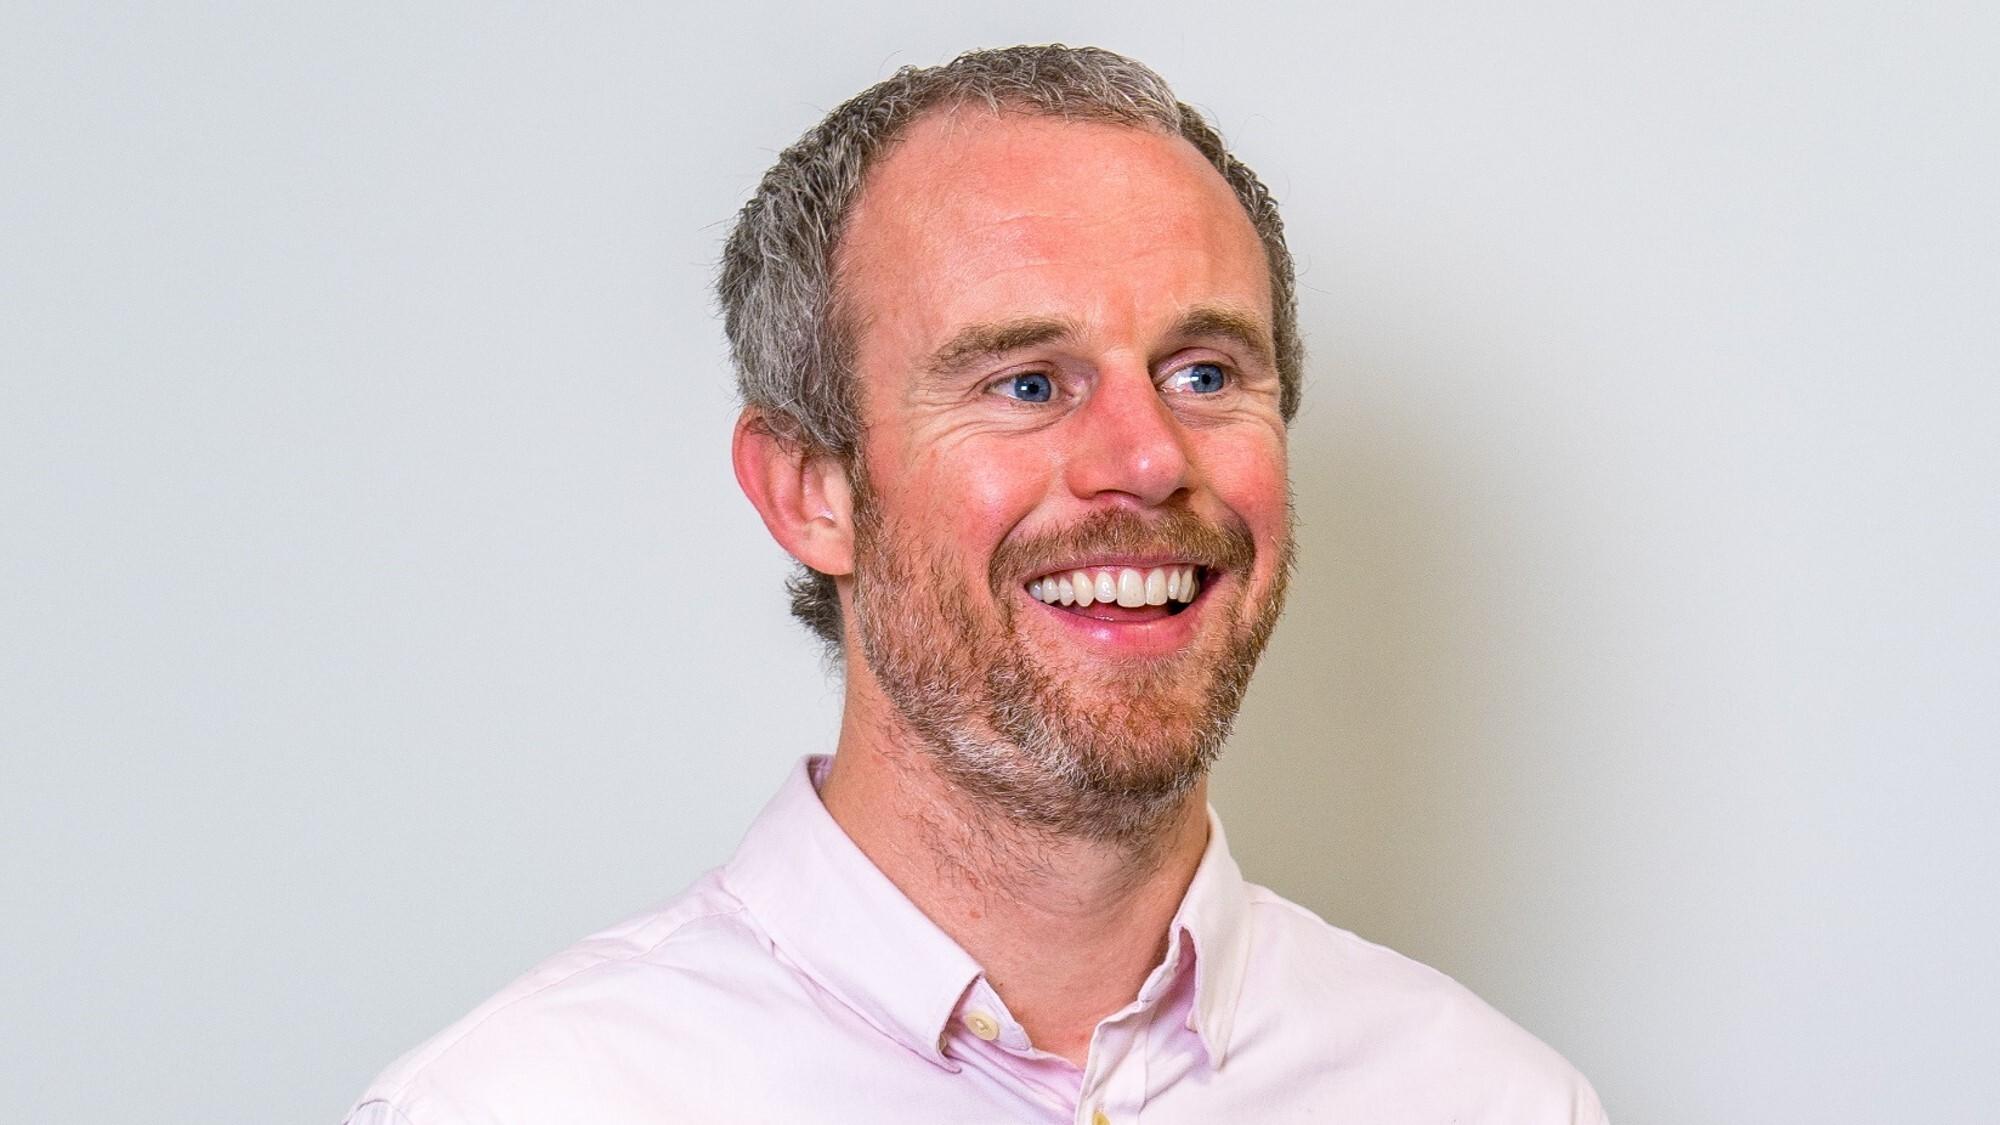 Strategy, Alignment and Progress: Q&A with Aquascot Head of Procurement, David Chapman (Part 1)